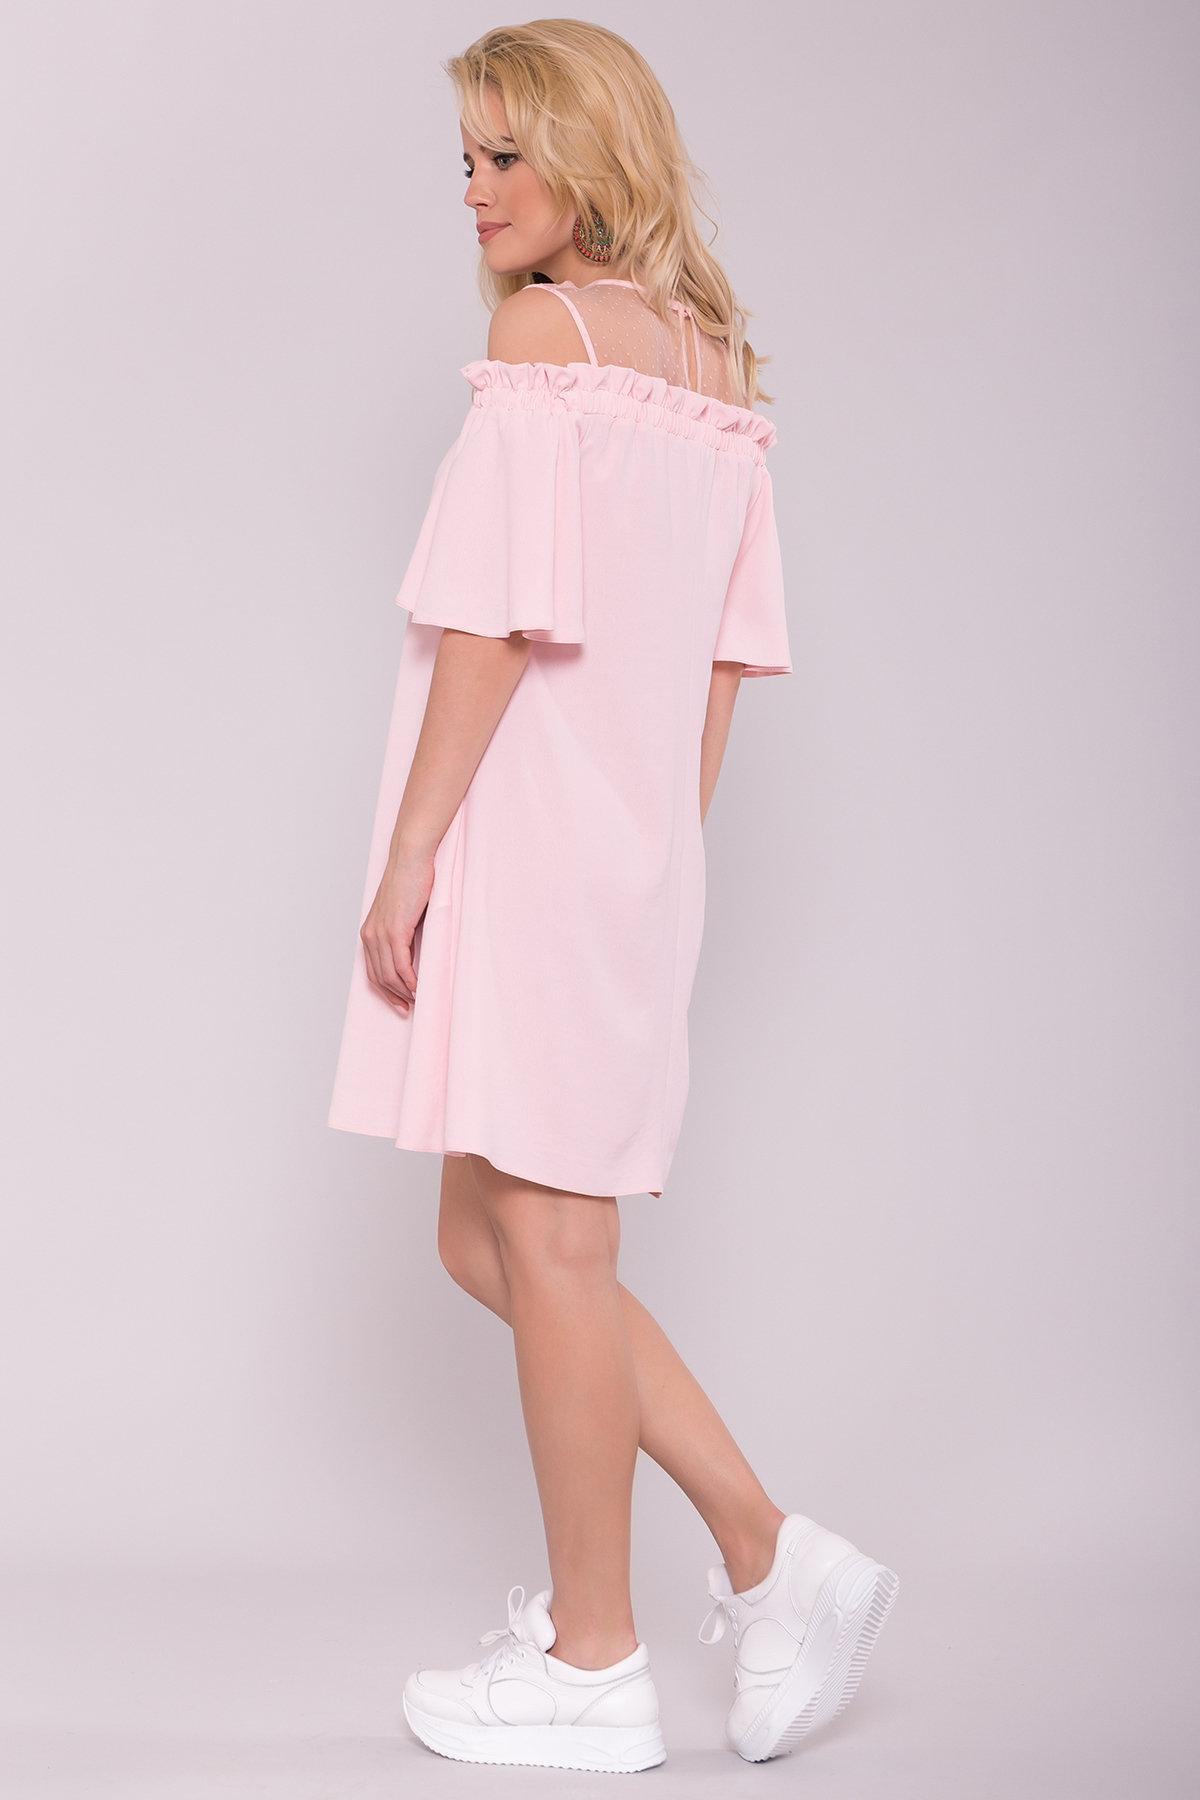 Платье Молена 7138 АРТ. 42779 Цвет: Розовый 16 - фото 2, интернет магазин tm-modus.ru